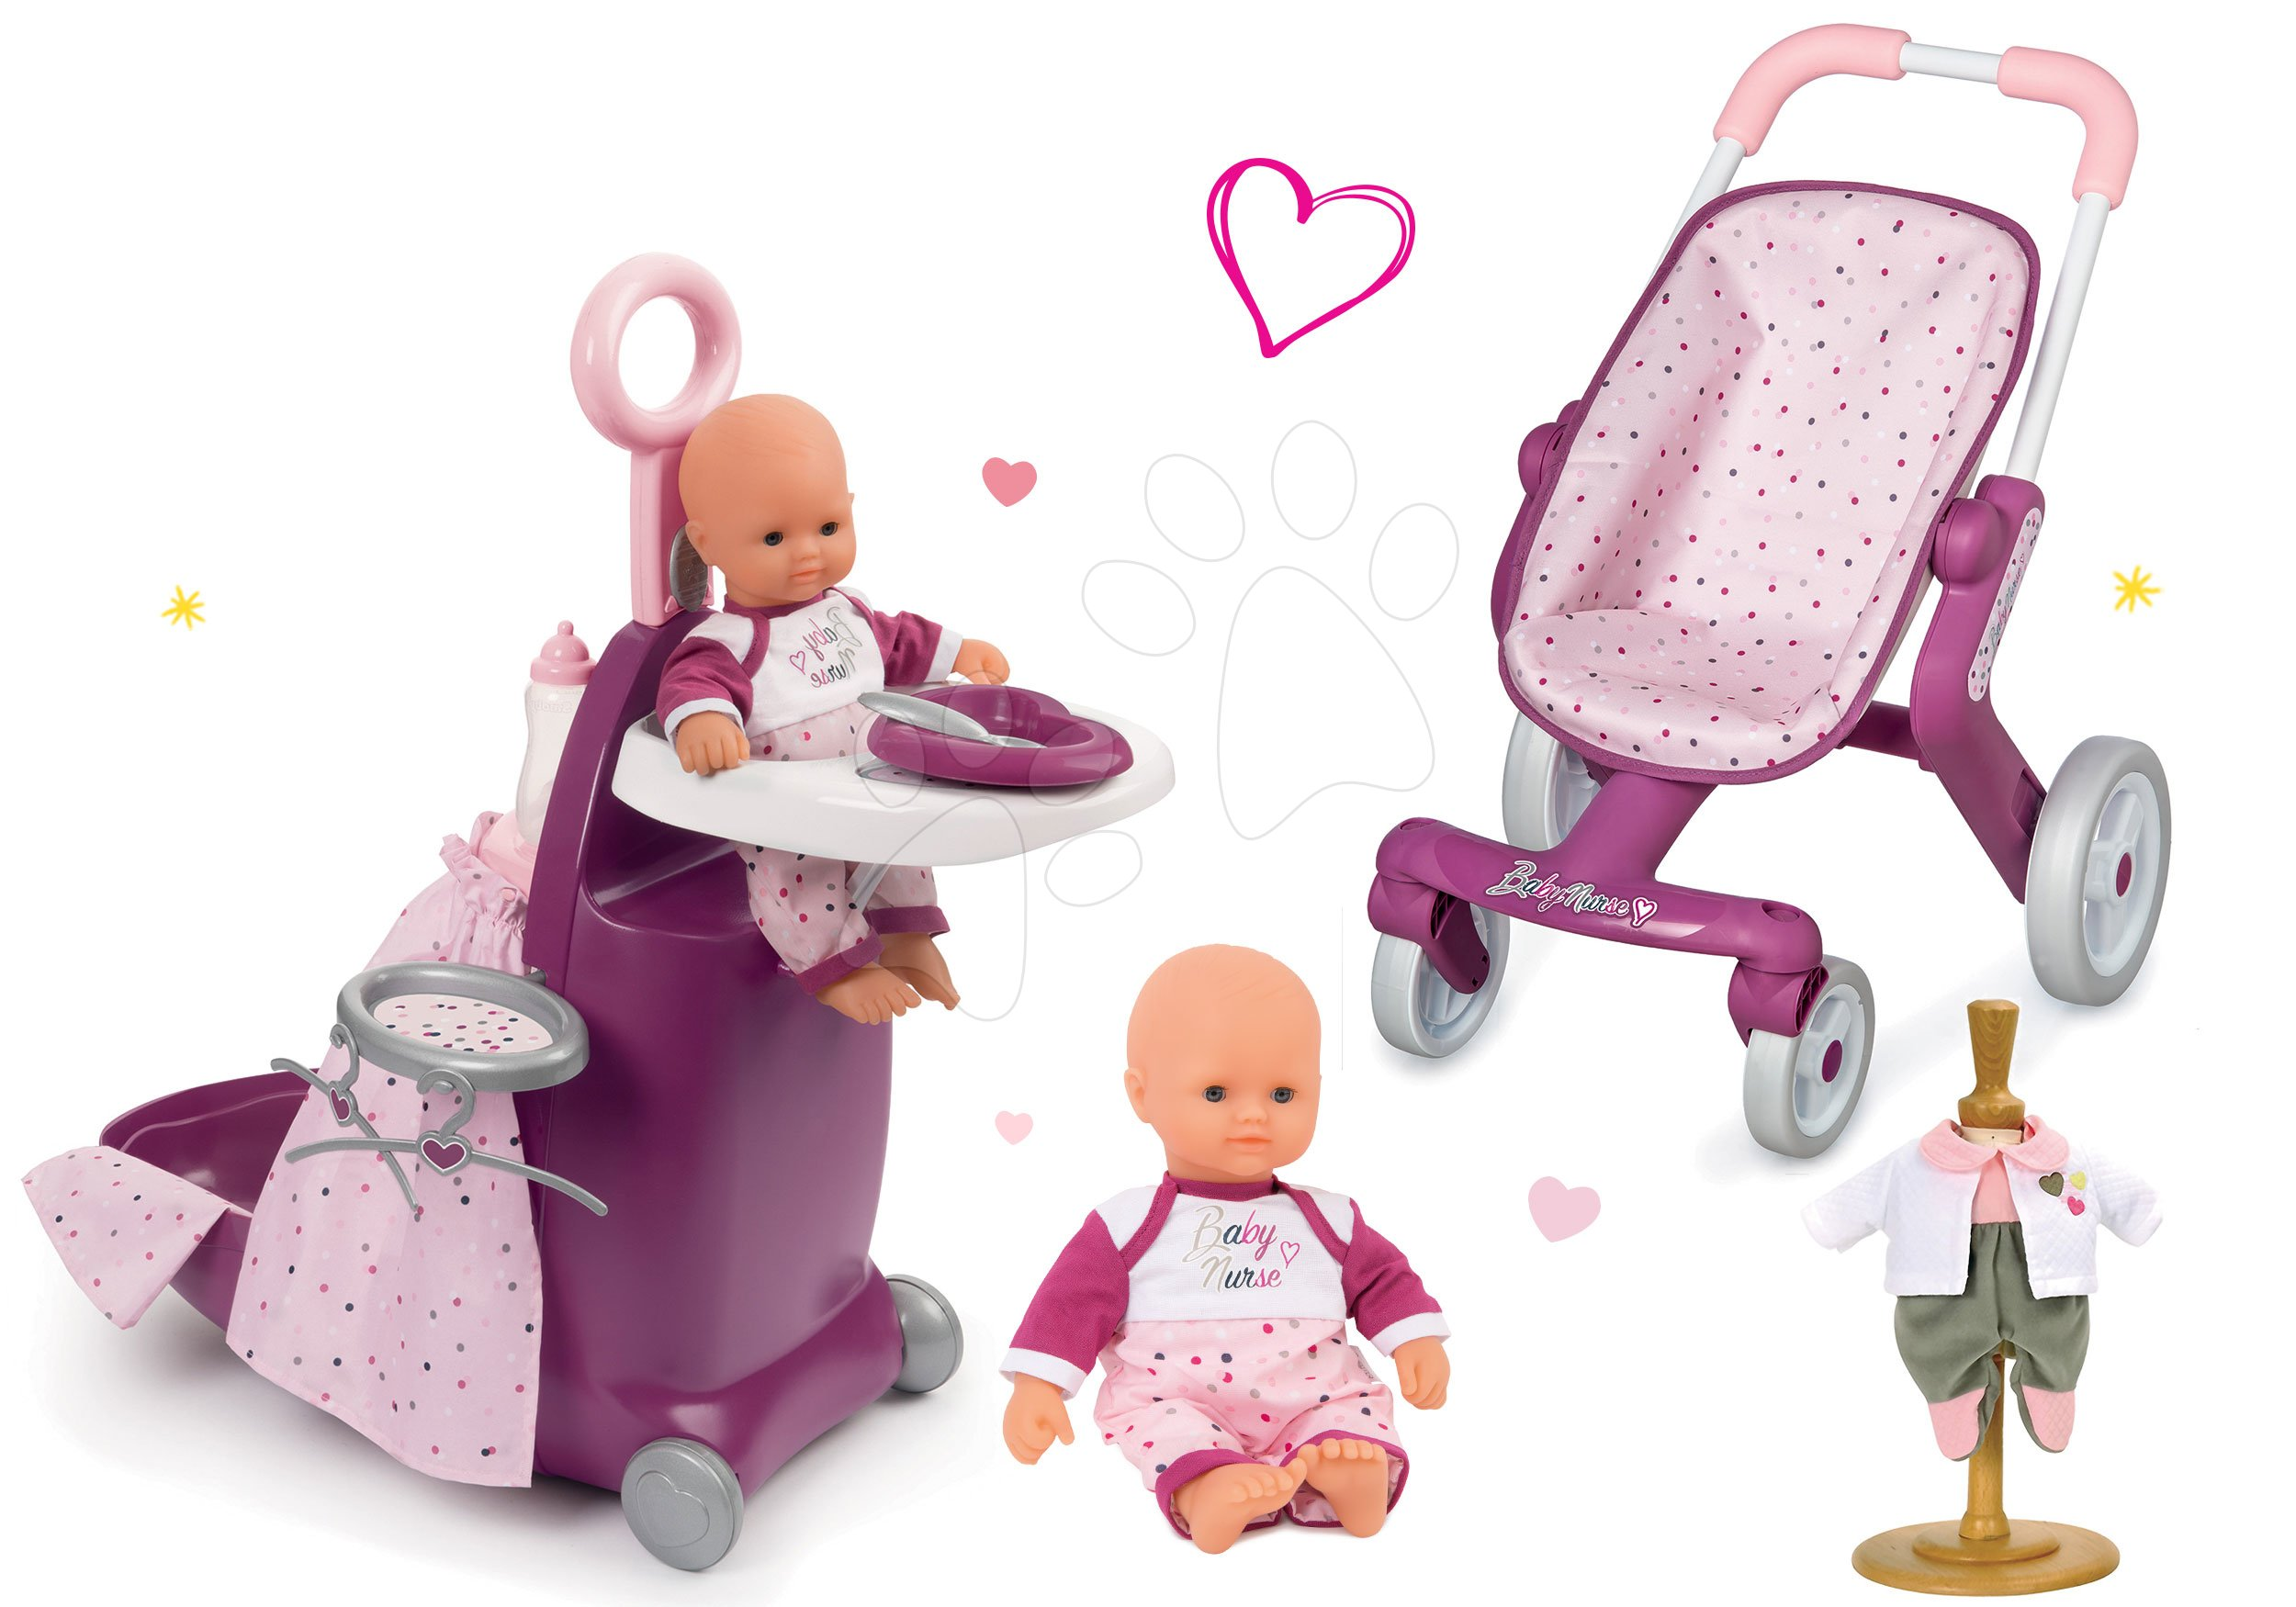 Smoby opatrovateľský kufrík, športový kočiarik pre bábiku Baby Nurse a bábika so šatami Baby Nurse 220316-8